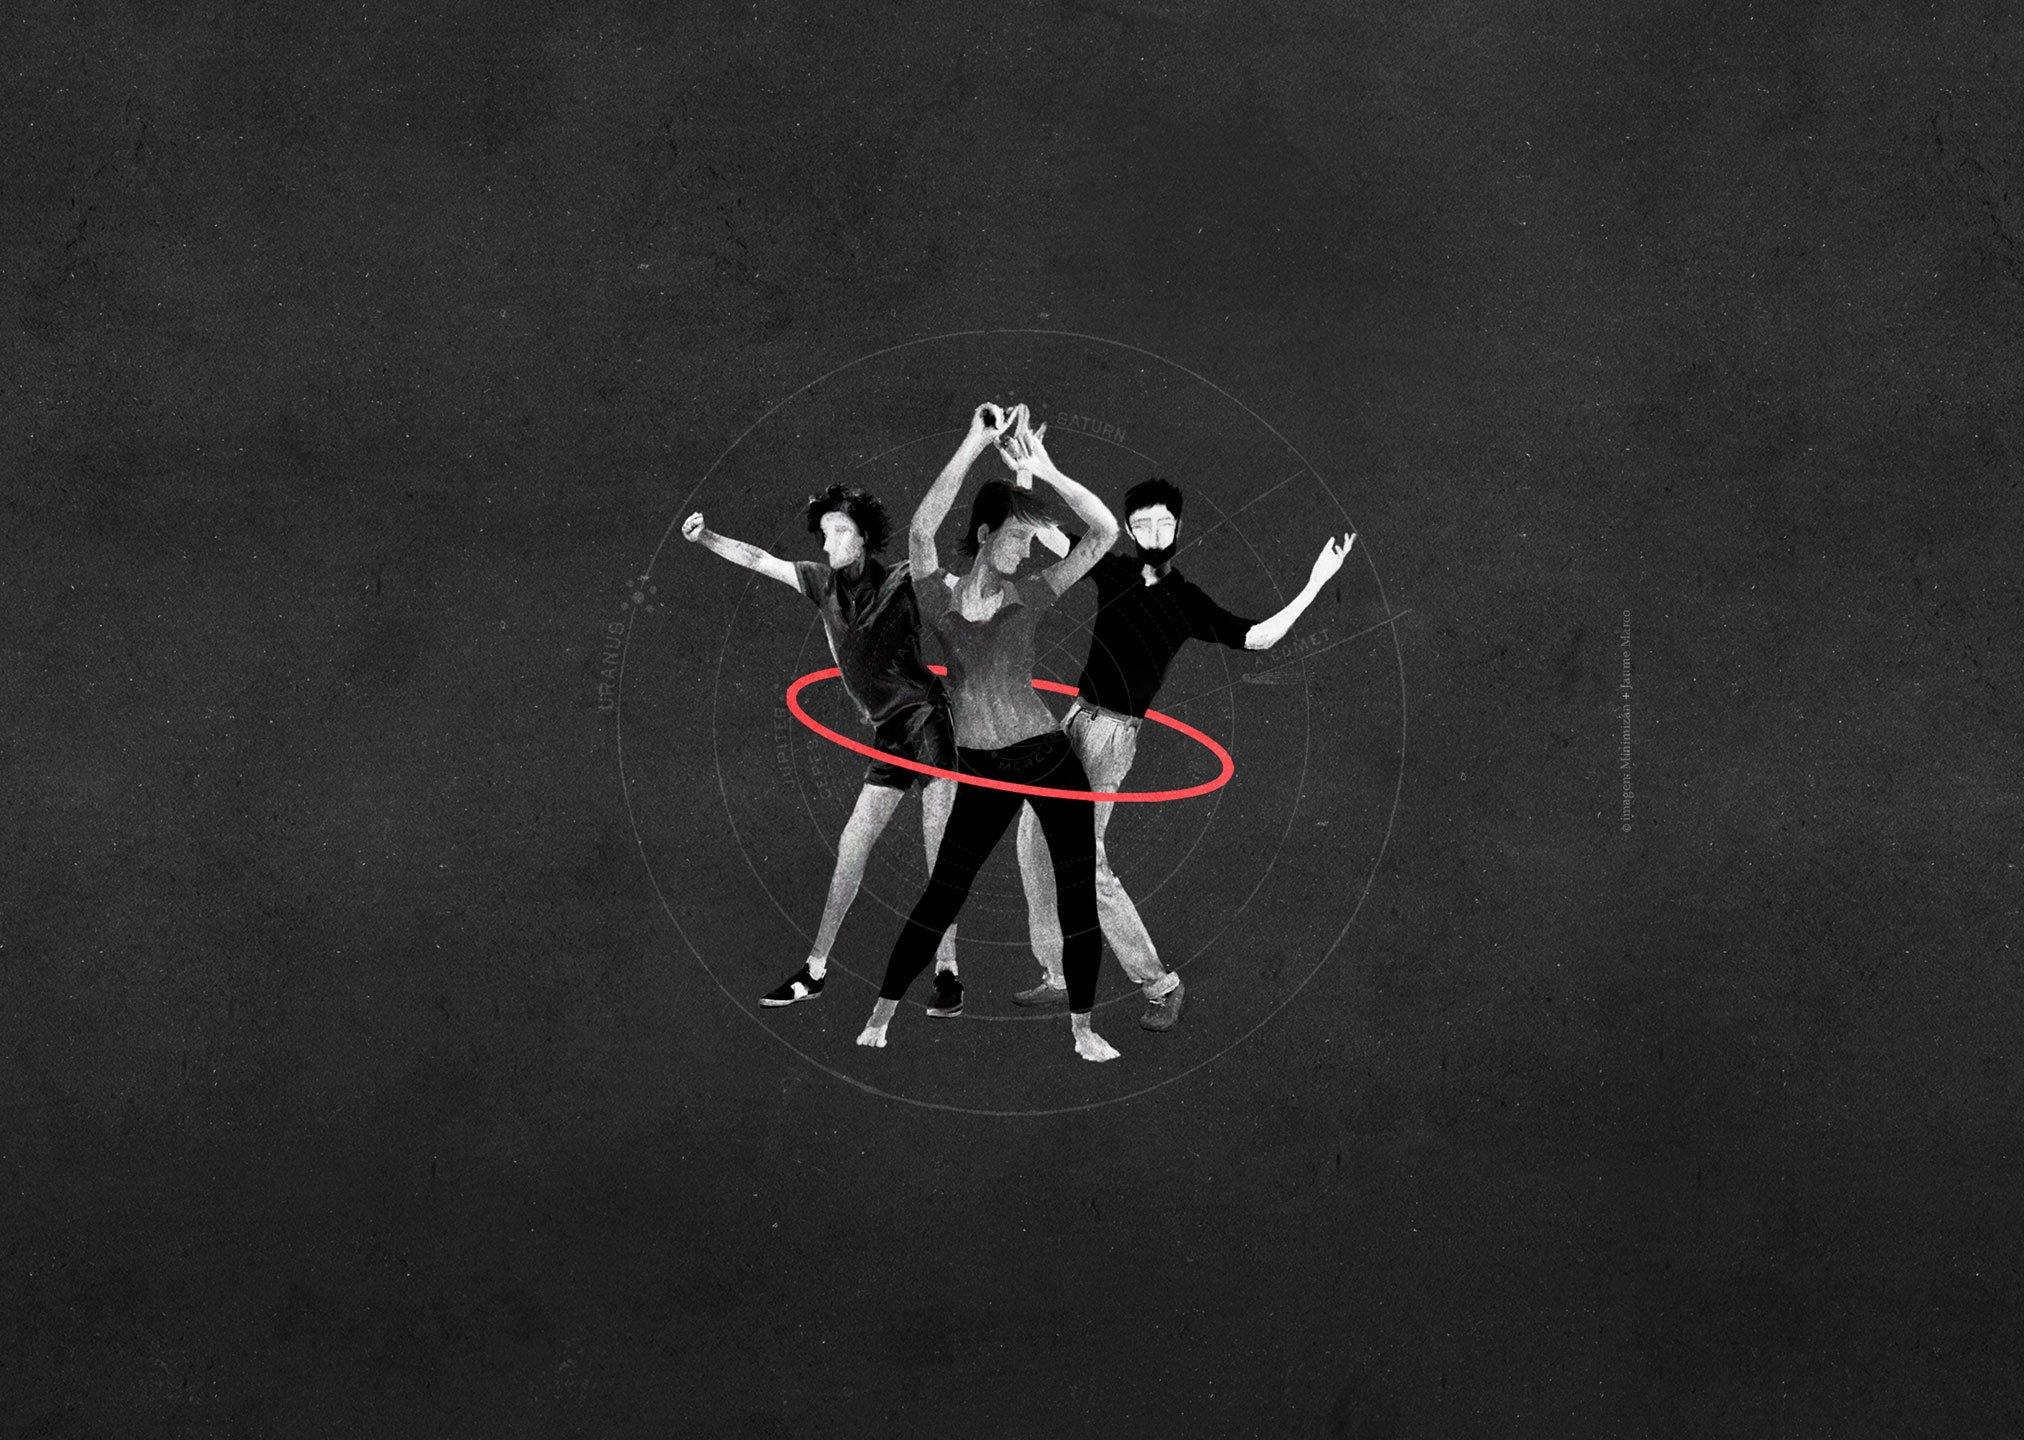 imagen de personas bailando acompasadas representando servico diseños web